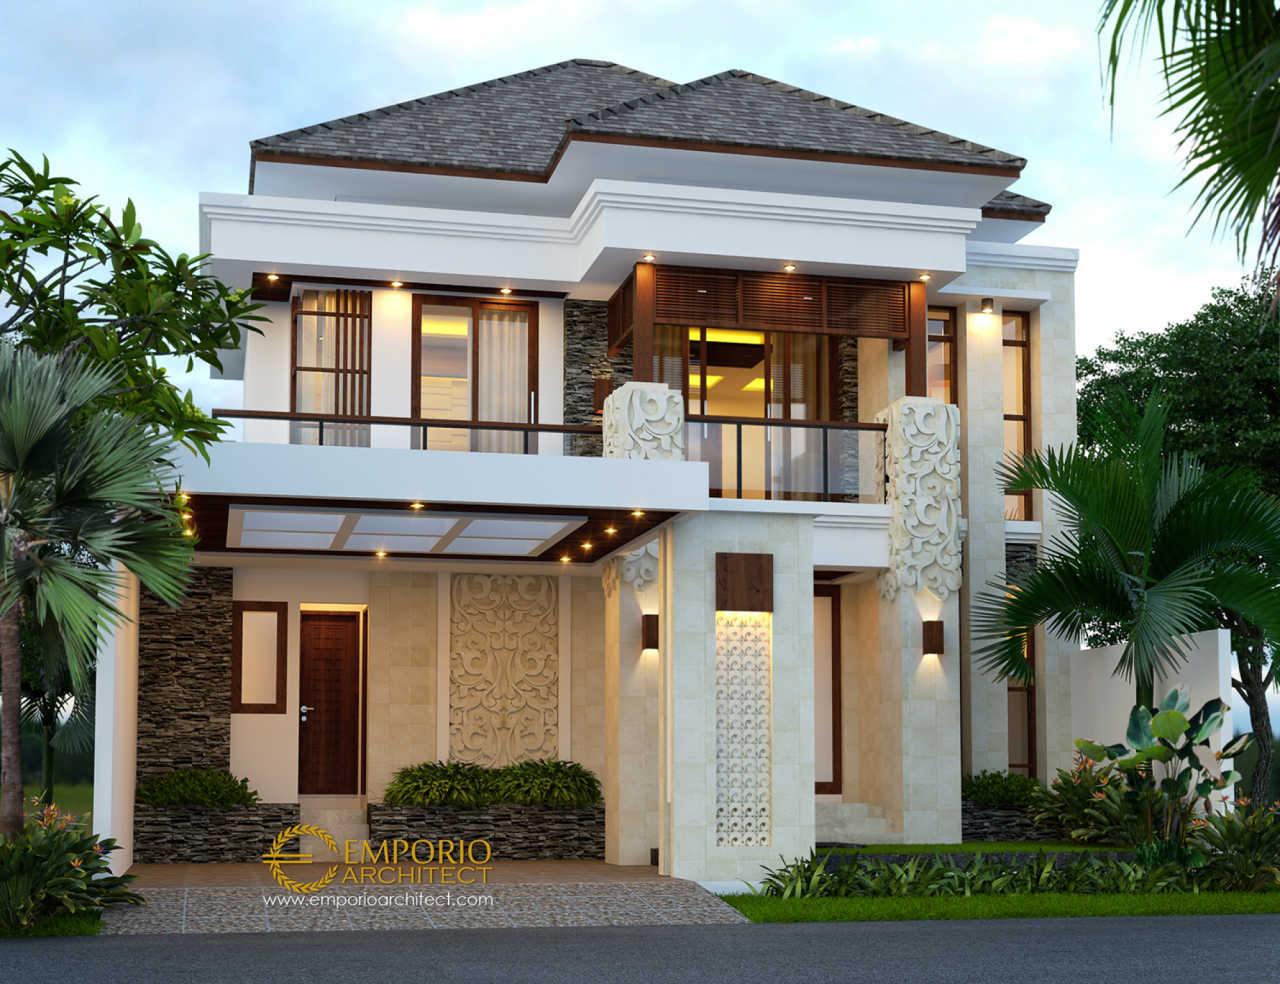 Desain Rumah Villa Bali 2 Lantai Beverly Park Type A38 di ...